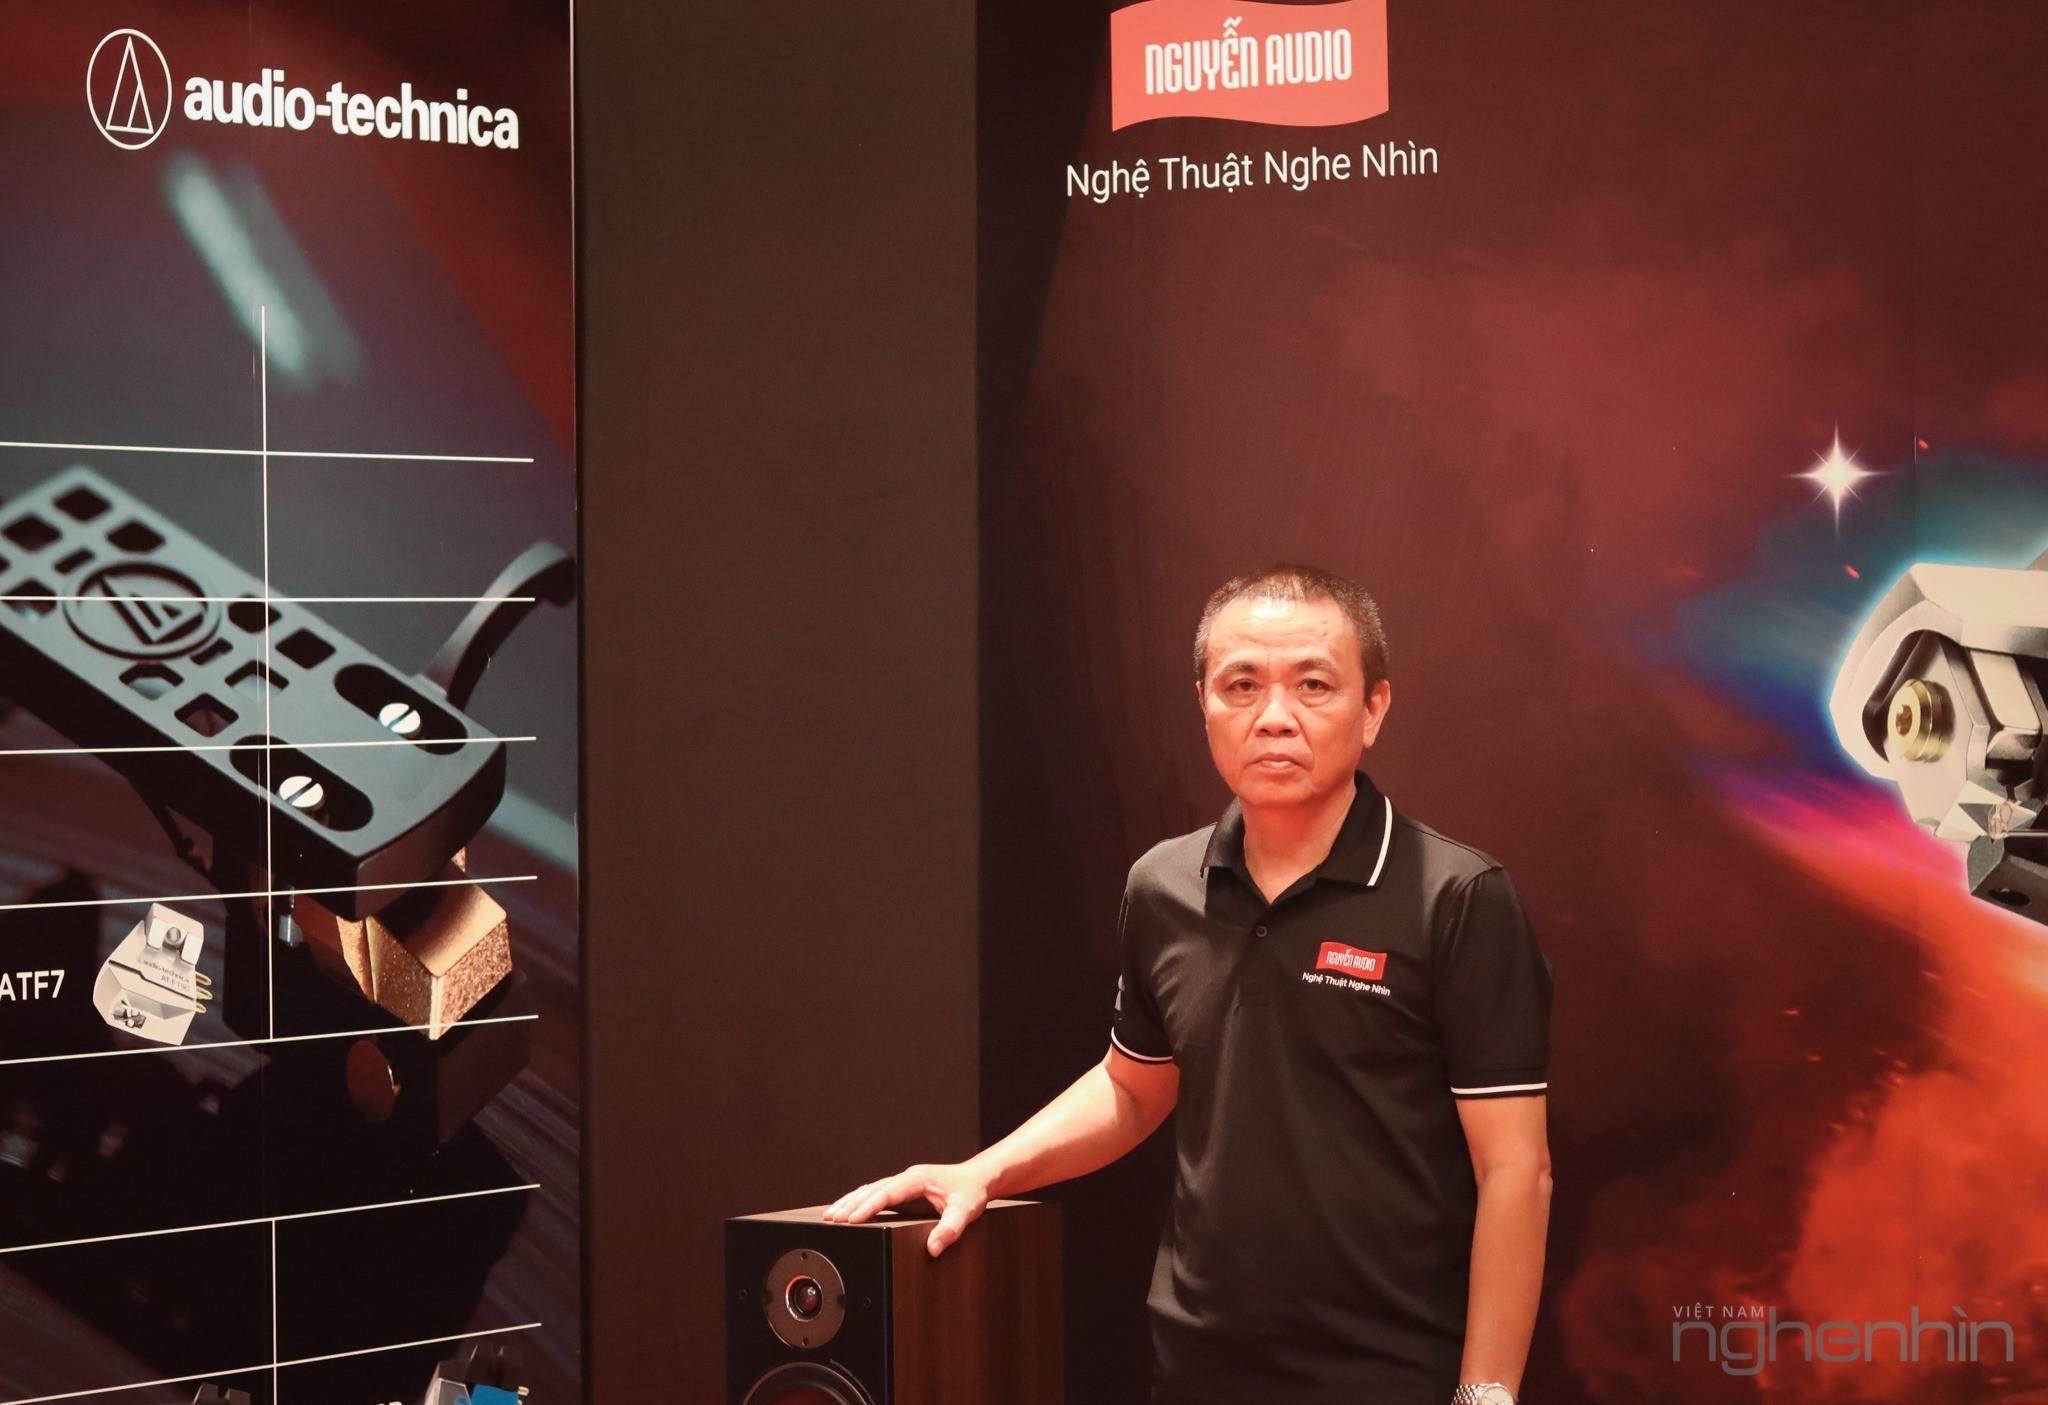 Chia sẻ về Audio-Technica tại phòng nghe Nguyễn Audio ảnh 1